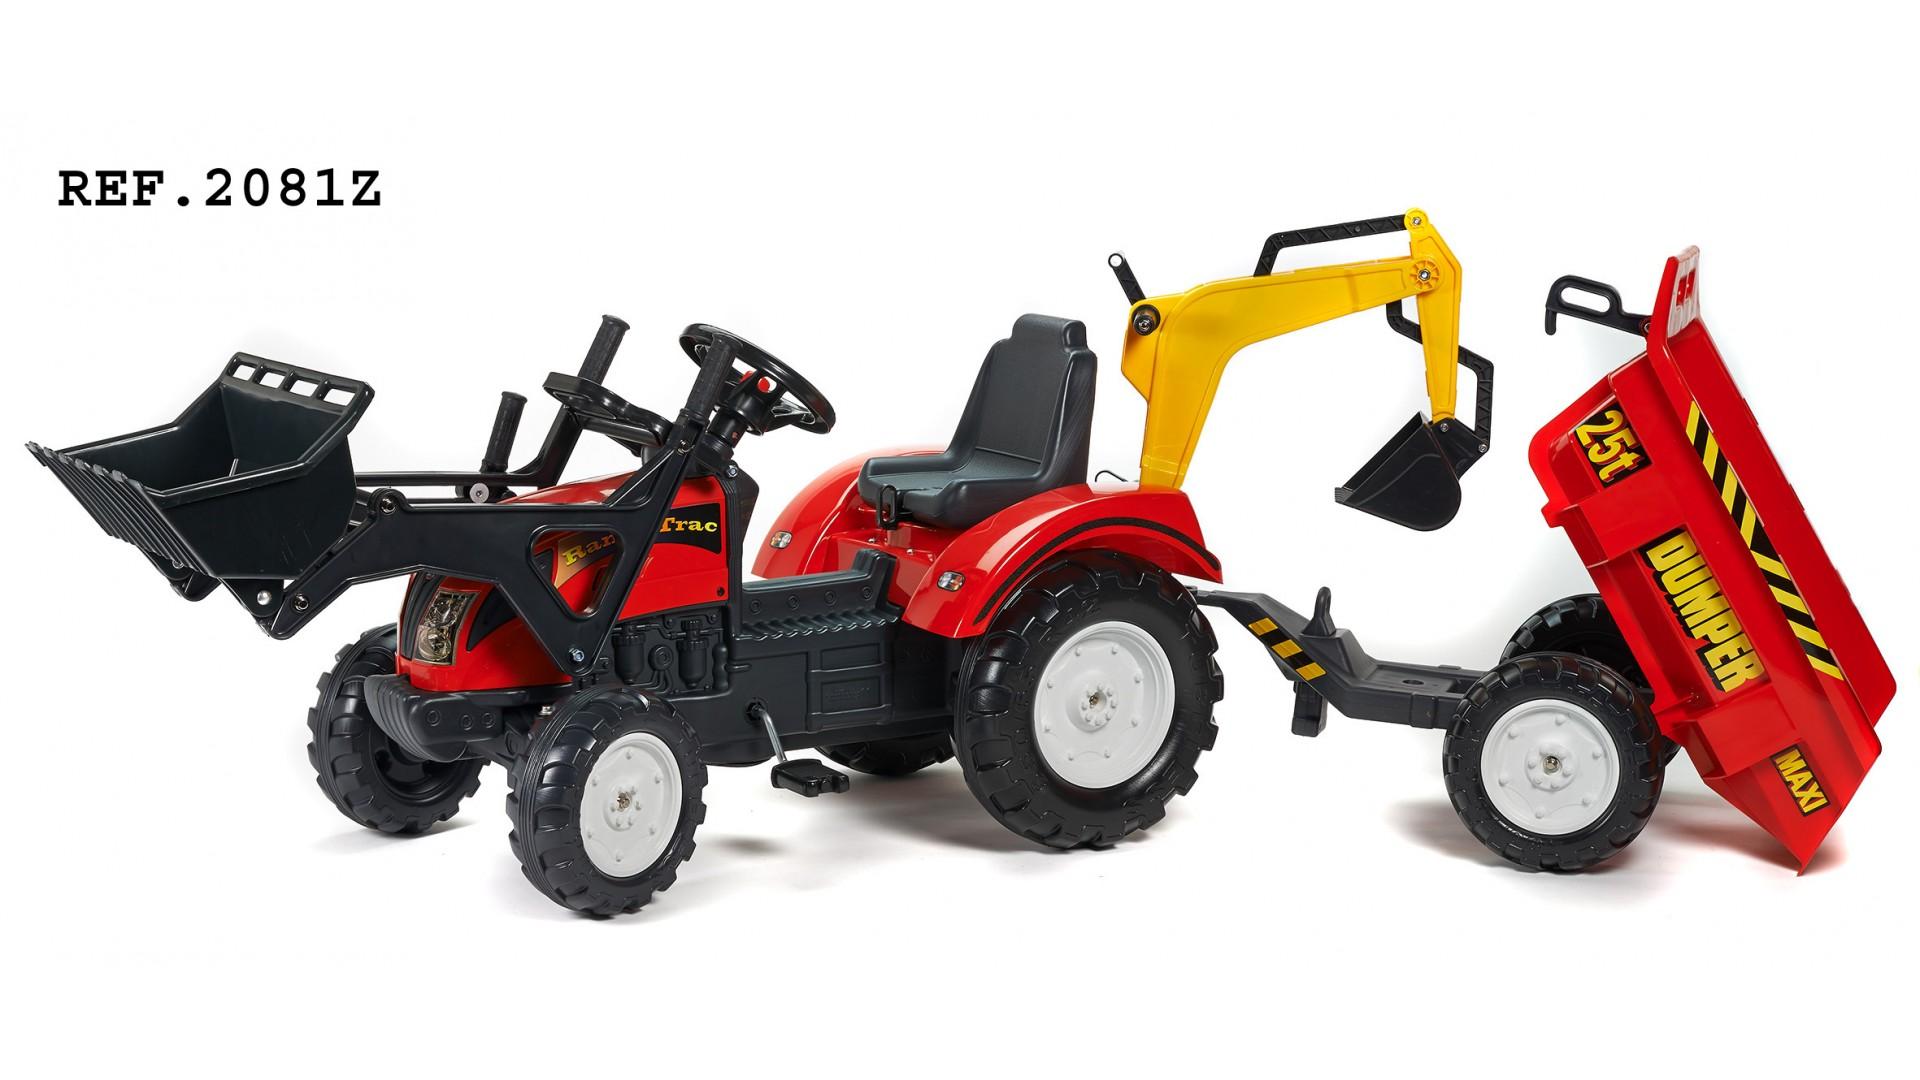 Трактор-экскаватор педальный с прицепом, красный 219 смПедальные машины и трактора<br>Трактор-экскаватор педальный с прицепом, красный 219 см<br>